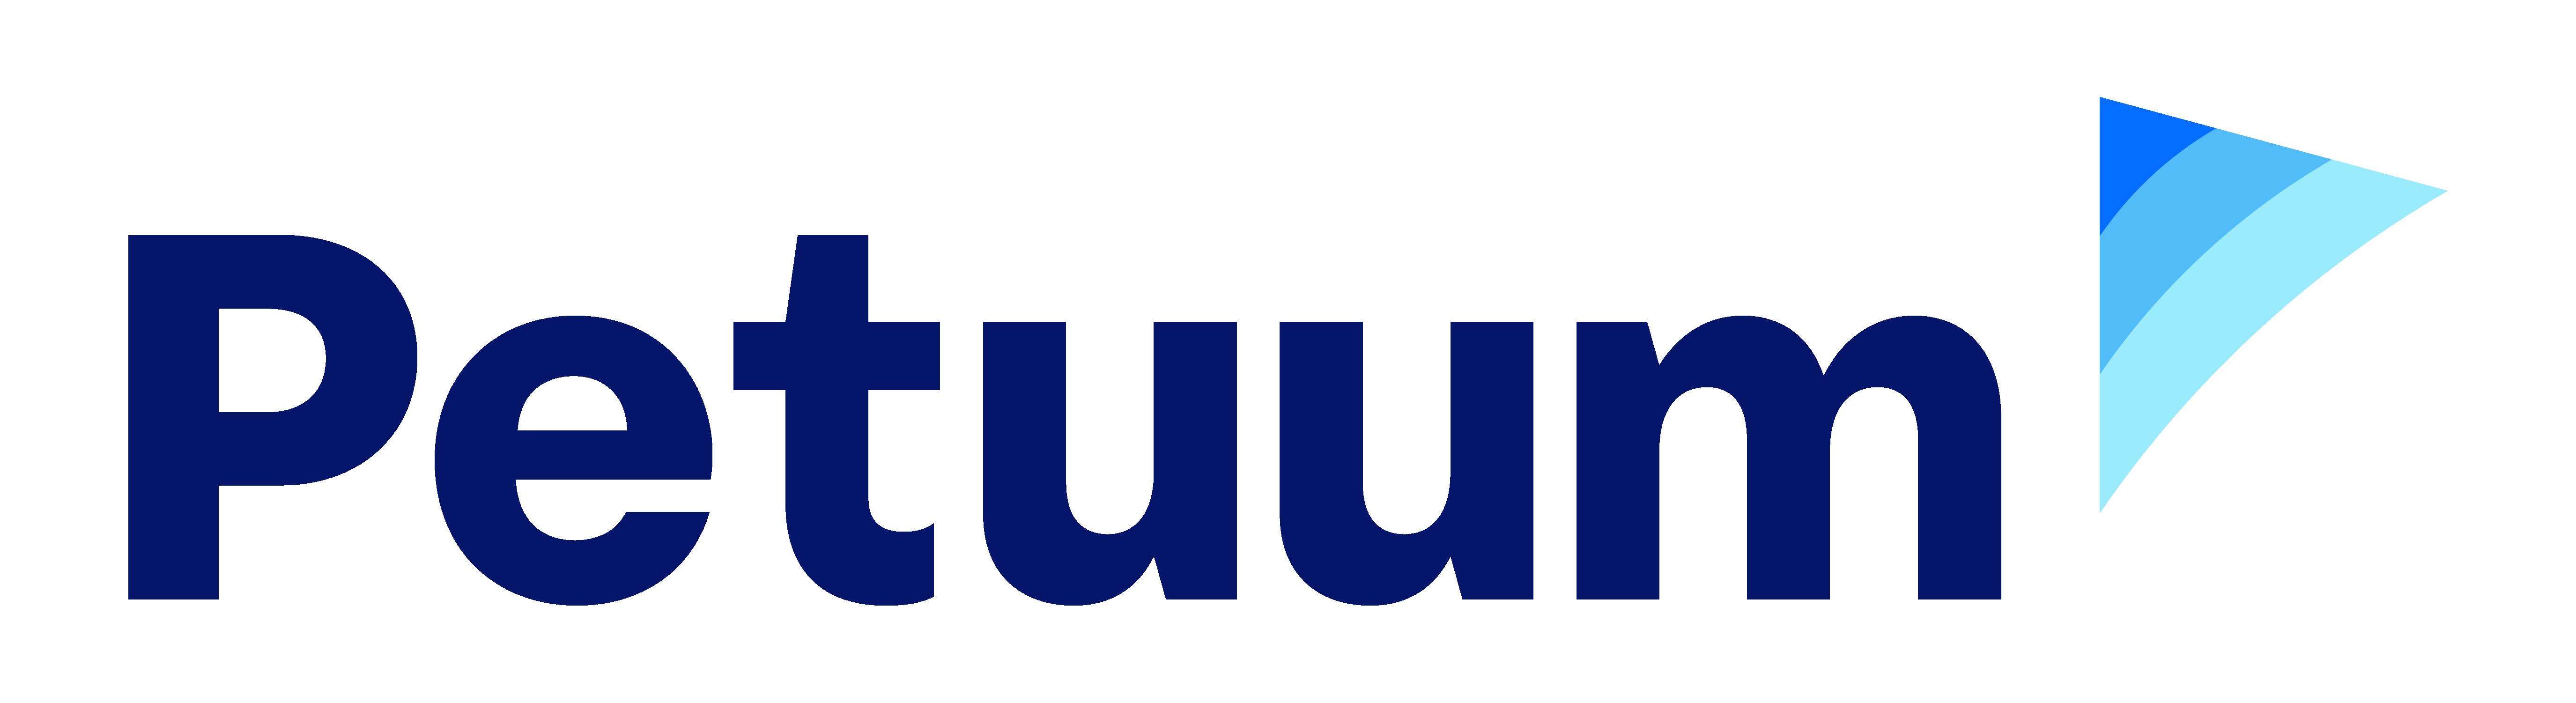 Petuum Inc